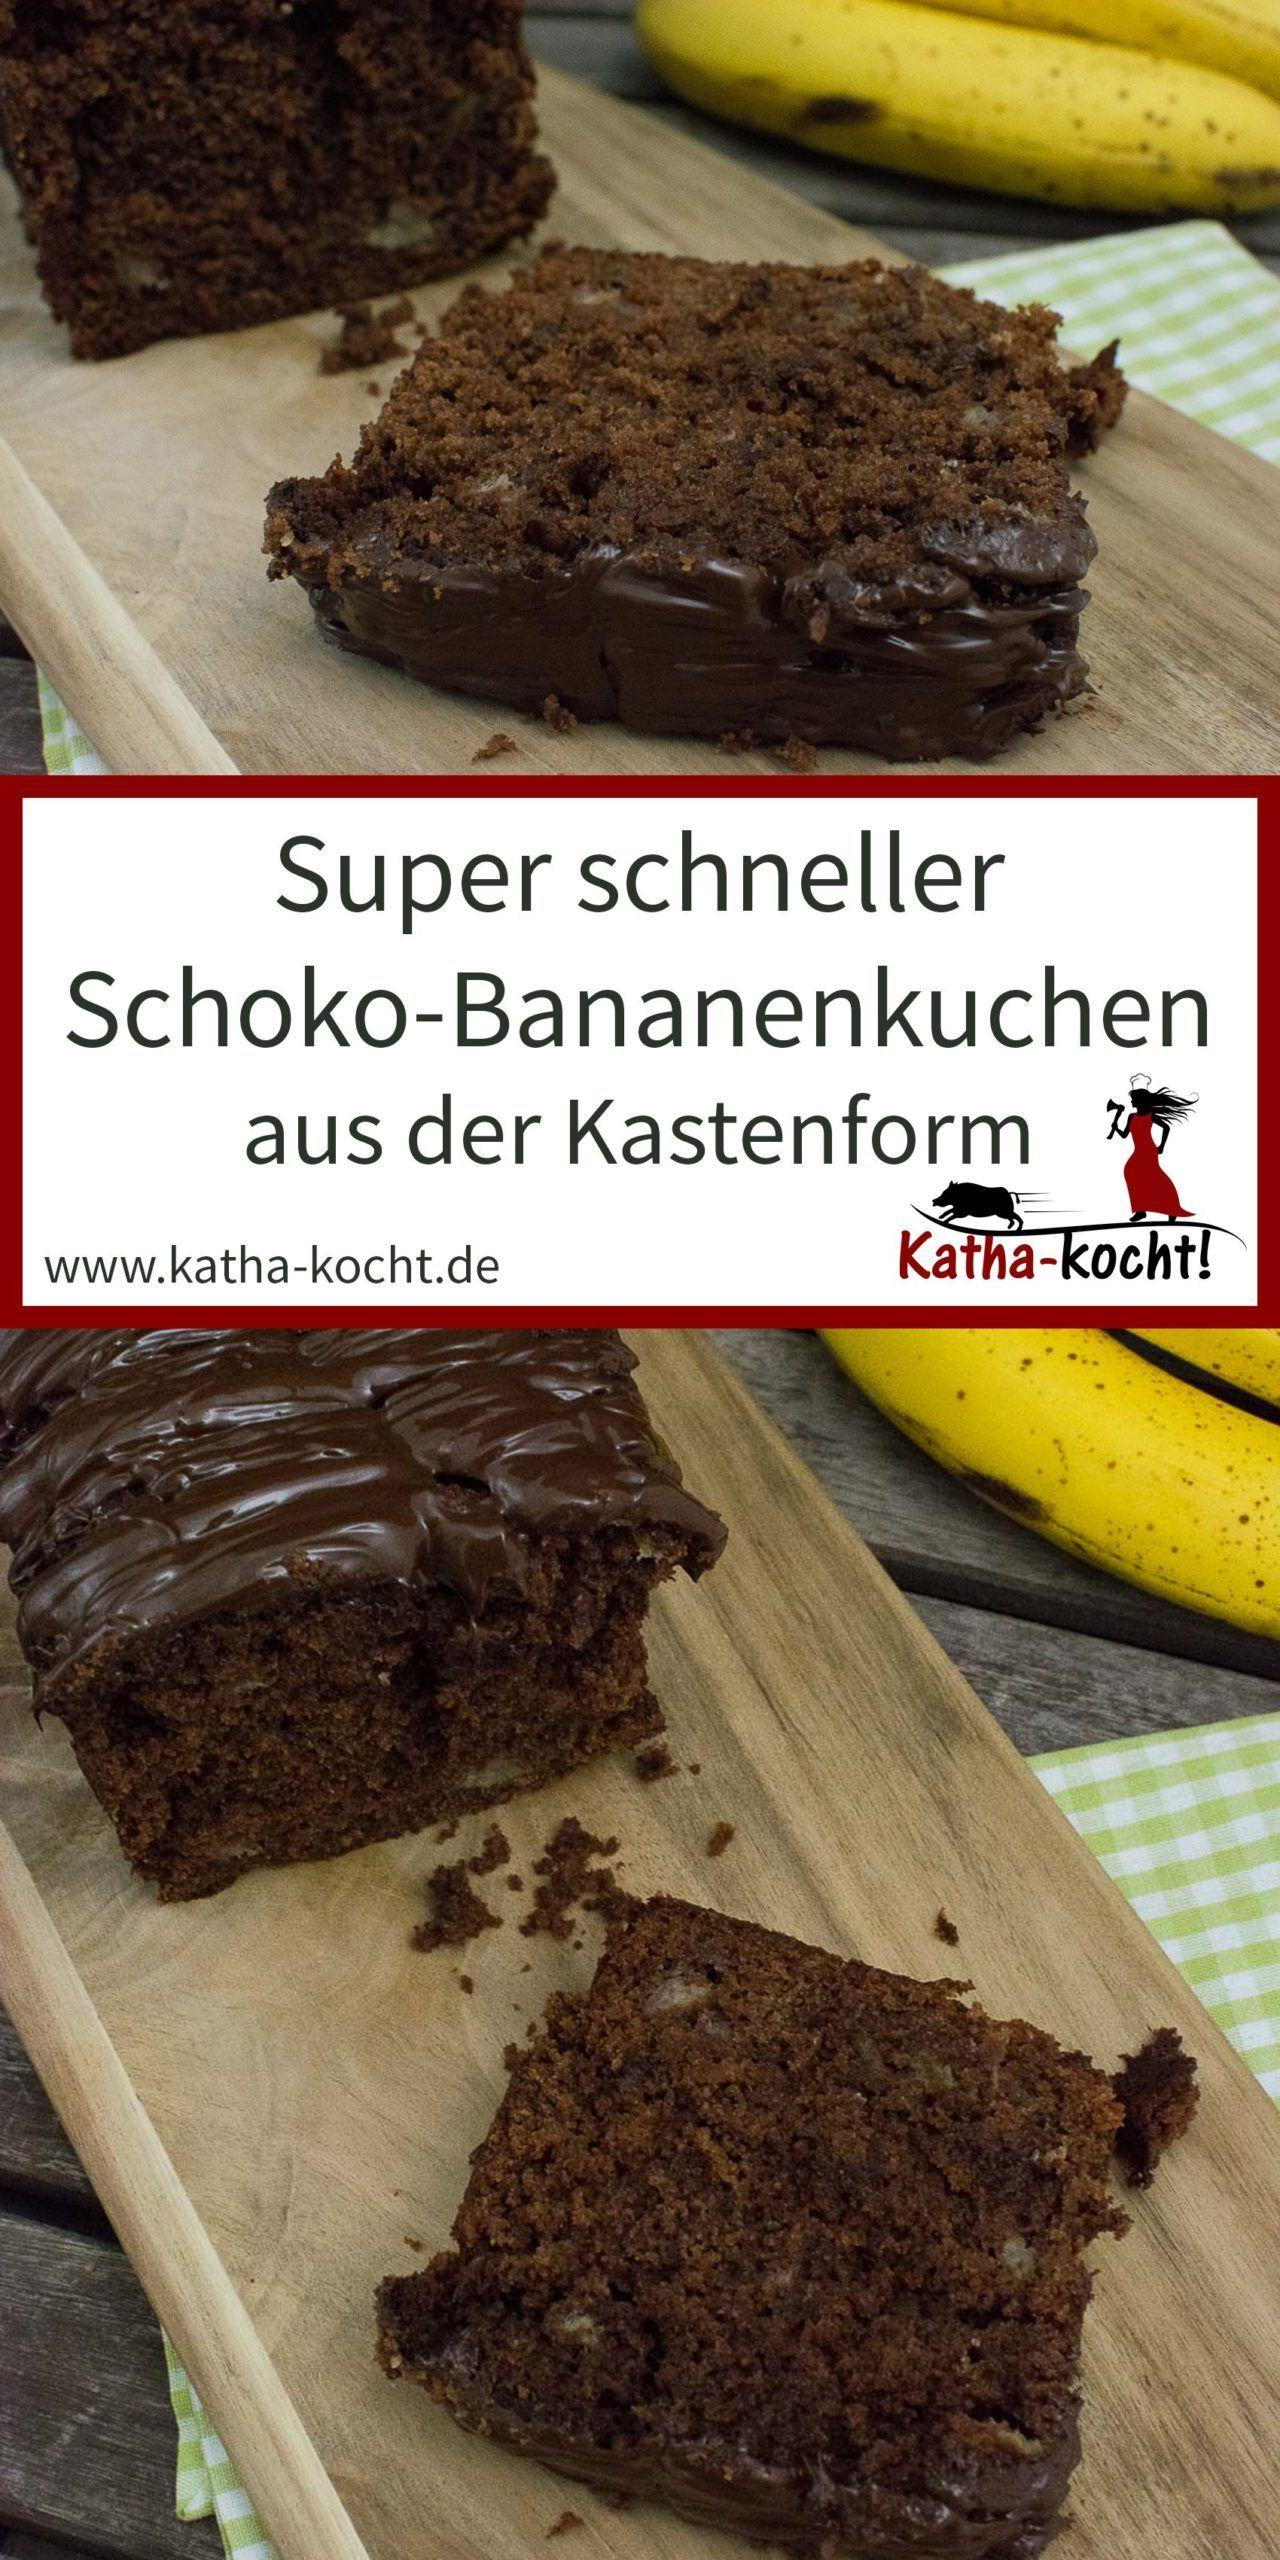 Schneller Schokoladen-Bananen-Kuchen aus der Kastenform, #aus #der